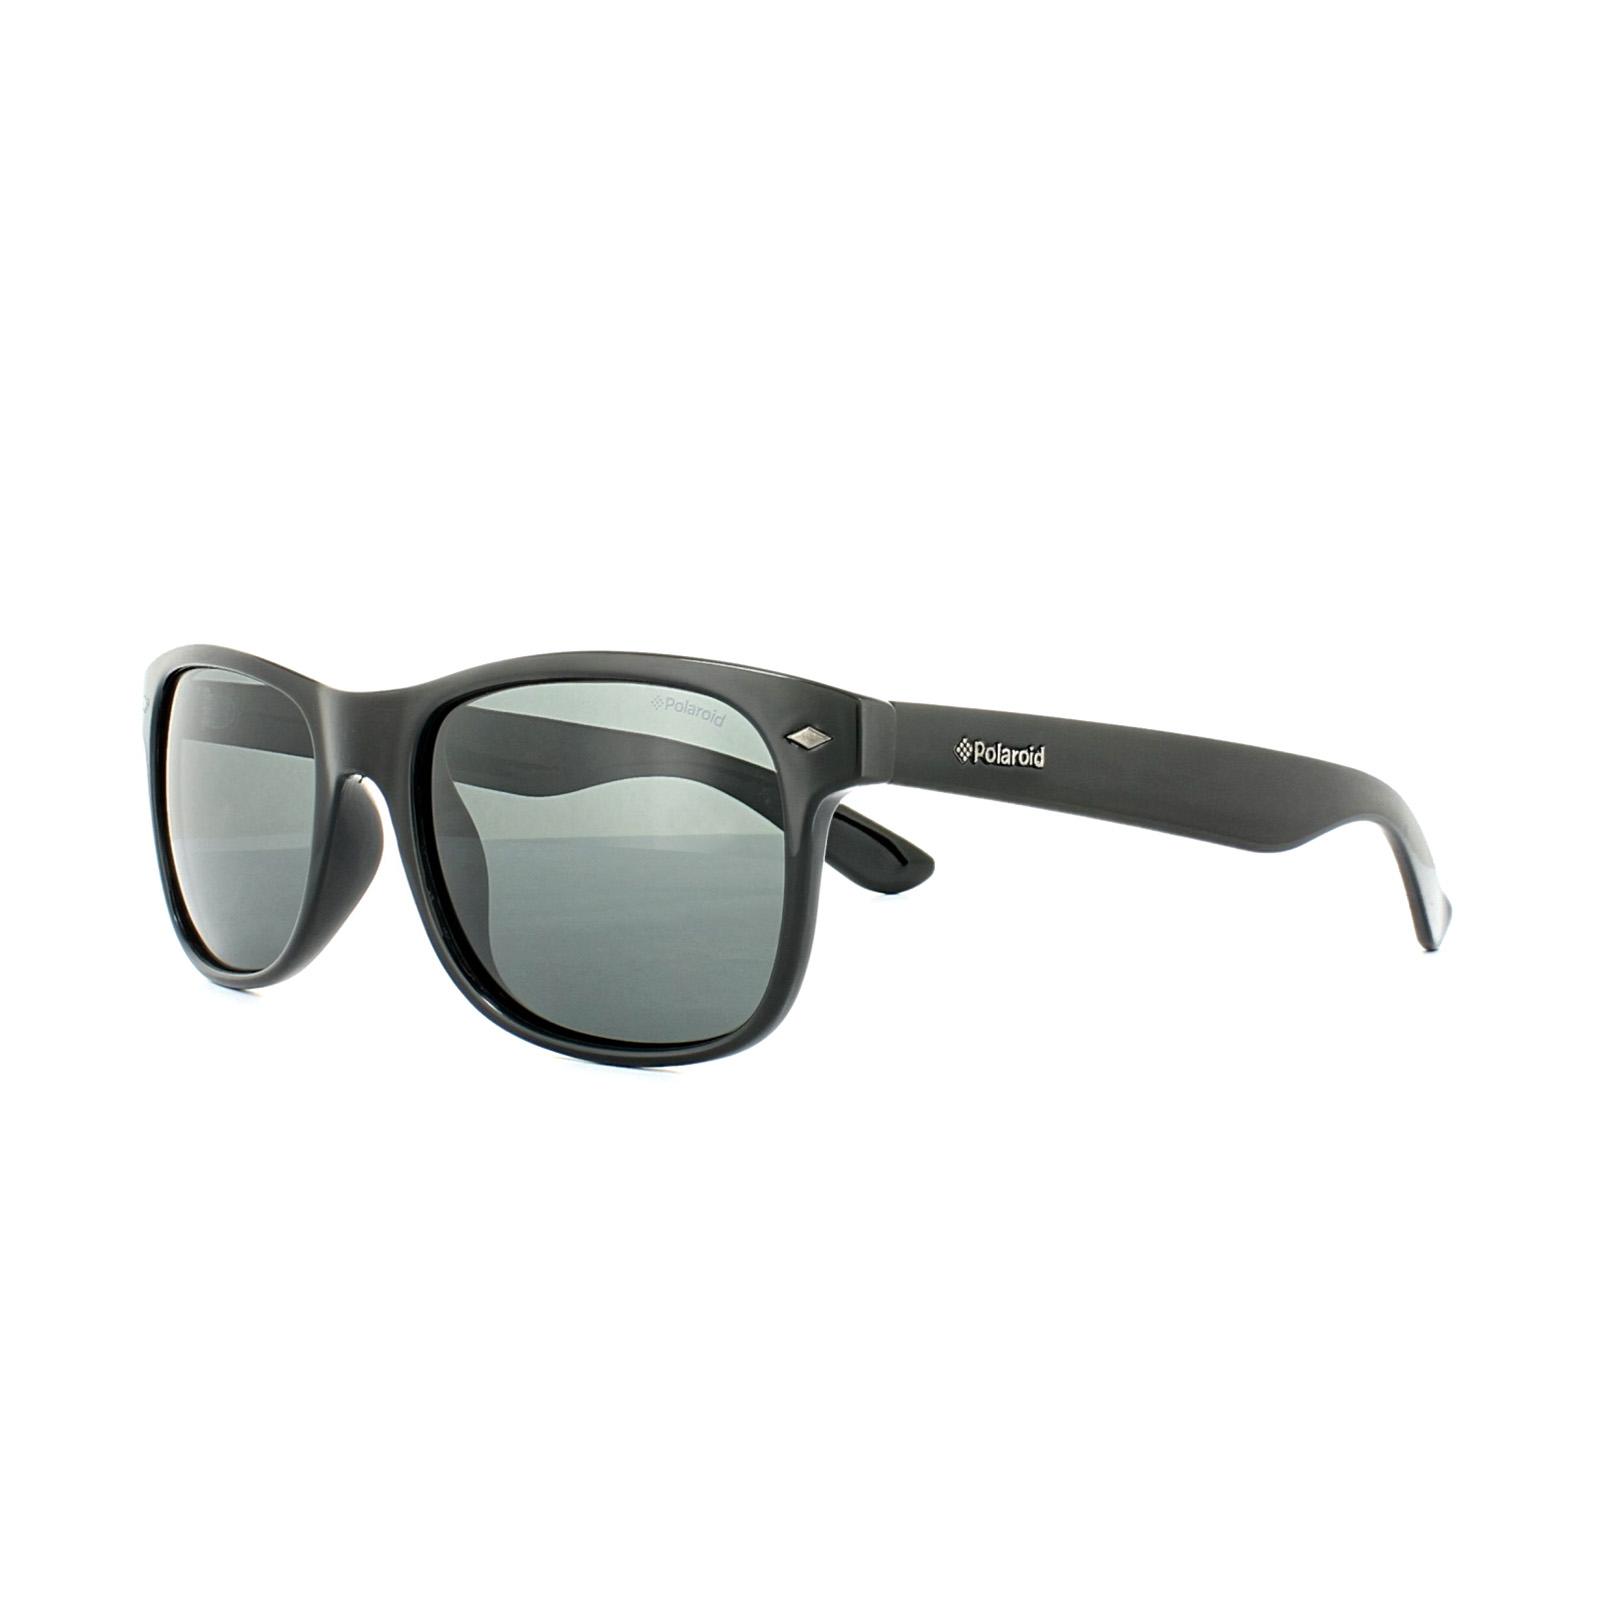 Polaroid Herren Sonnenbrille » PLD 1015/S«, schwarz, D28/Y2 - schwarz/grau